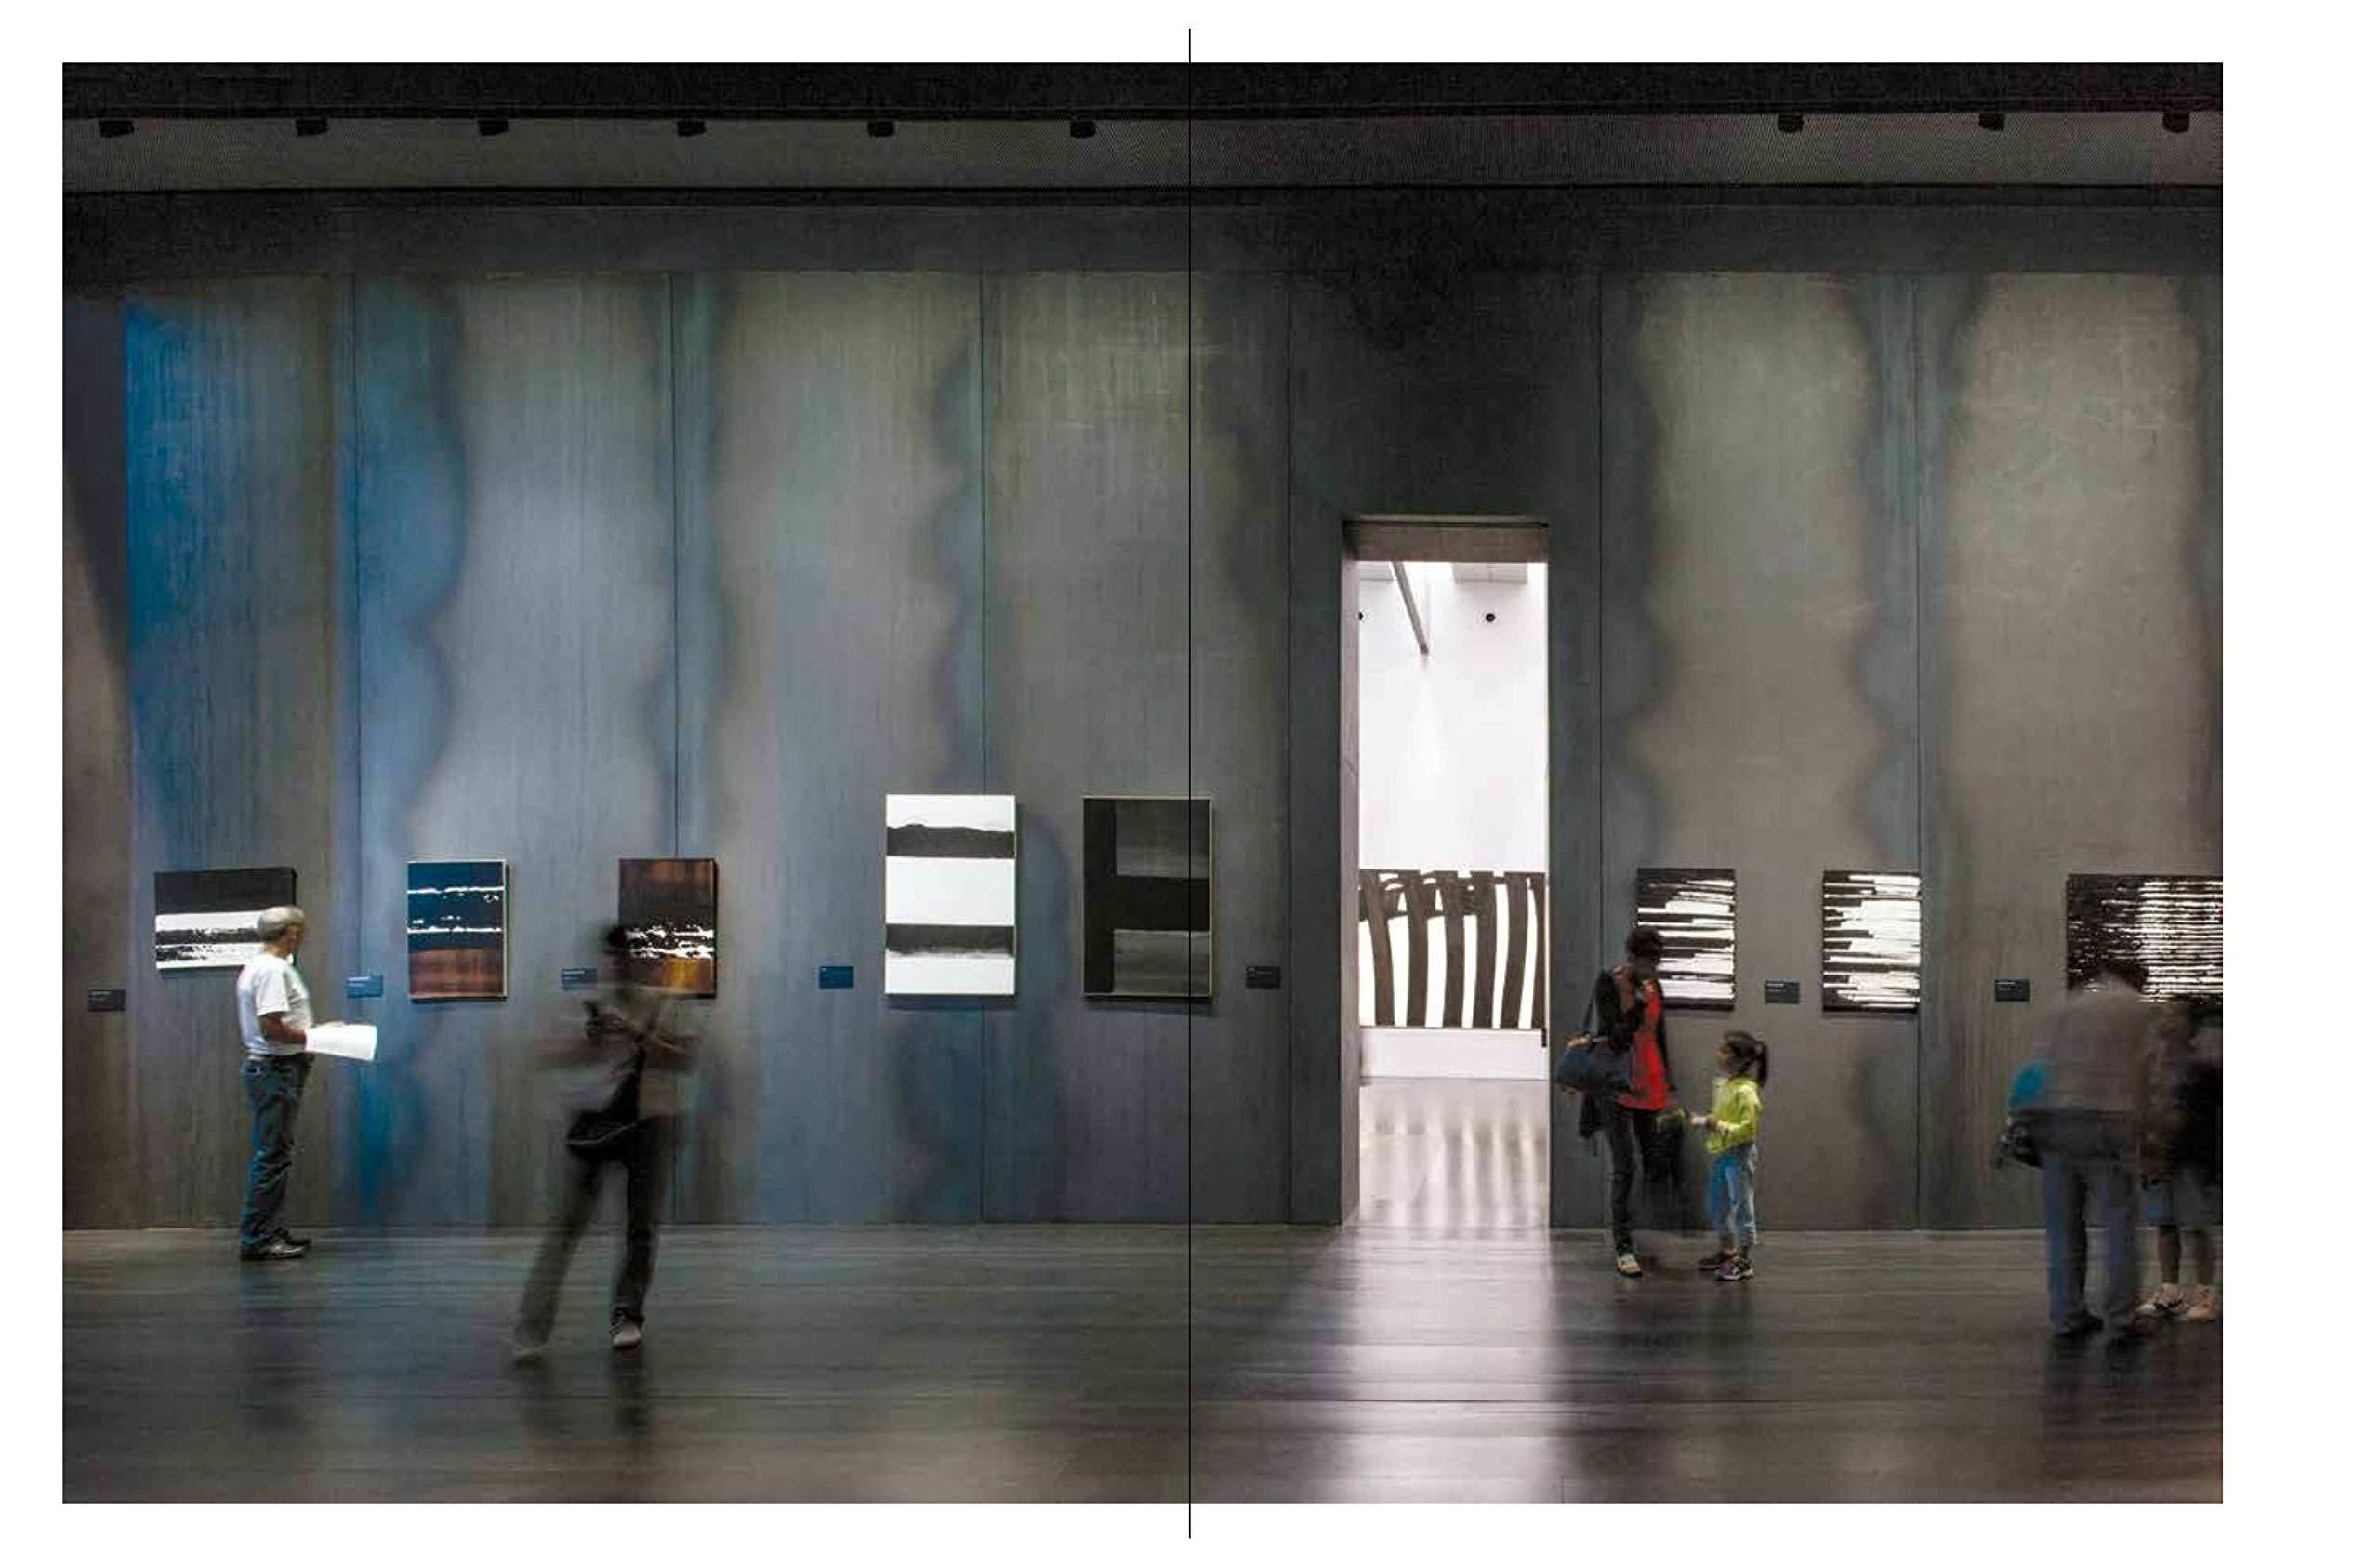 RCR Arquitectes - Geography Of Dreams: Amazon.es: Libros en idiomas extranjeros